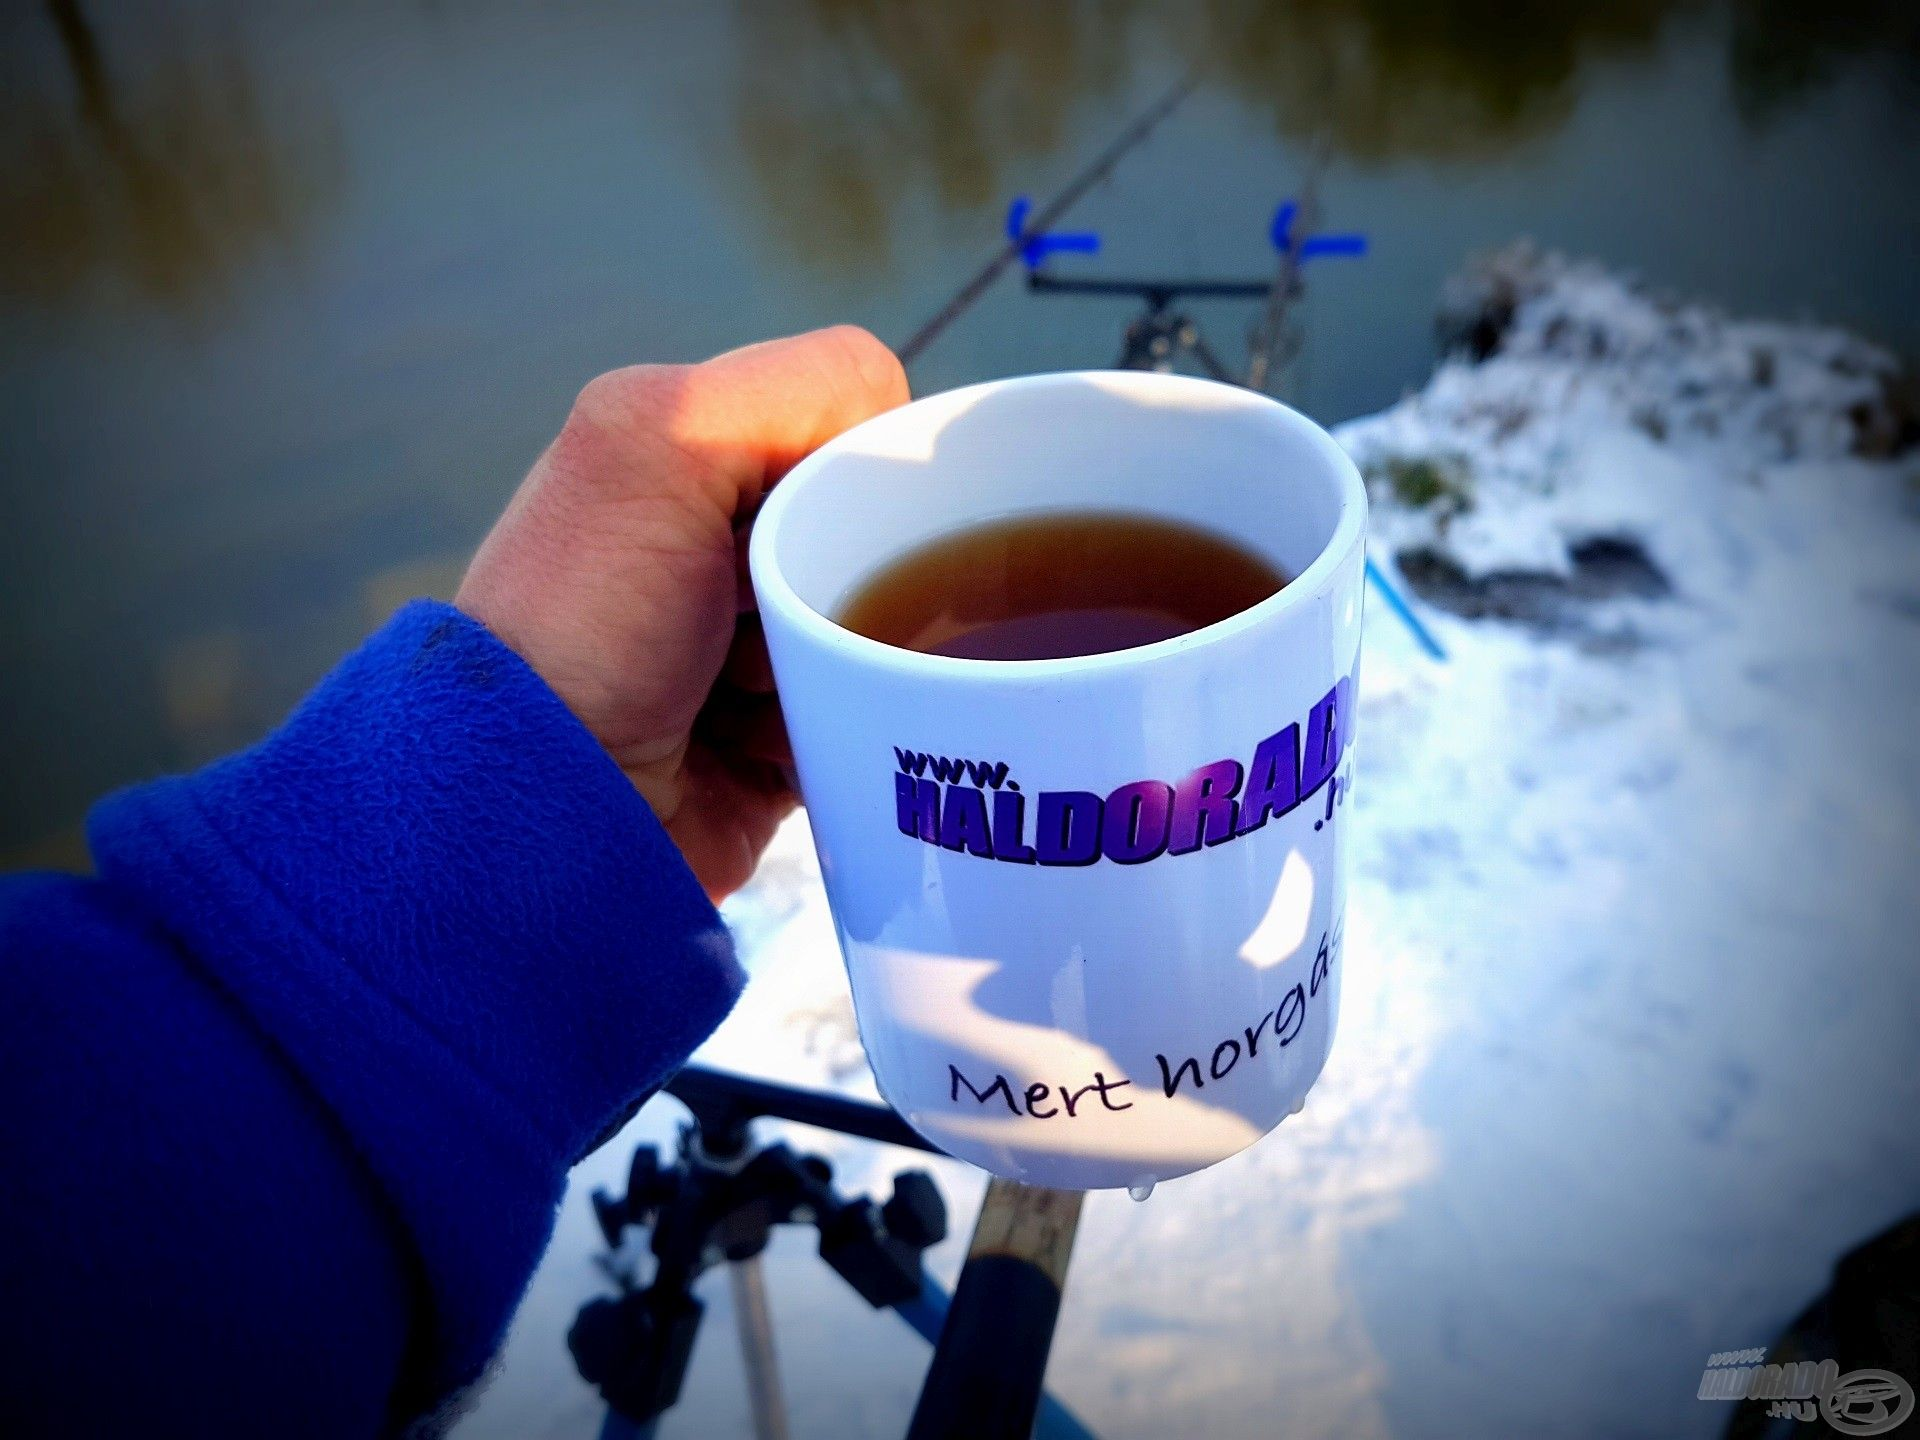 Felüdülést jelentett a forró tea, amelyet ha hosszabb időre magára hagytam, meg is fagyott a bögrében!